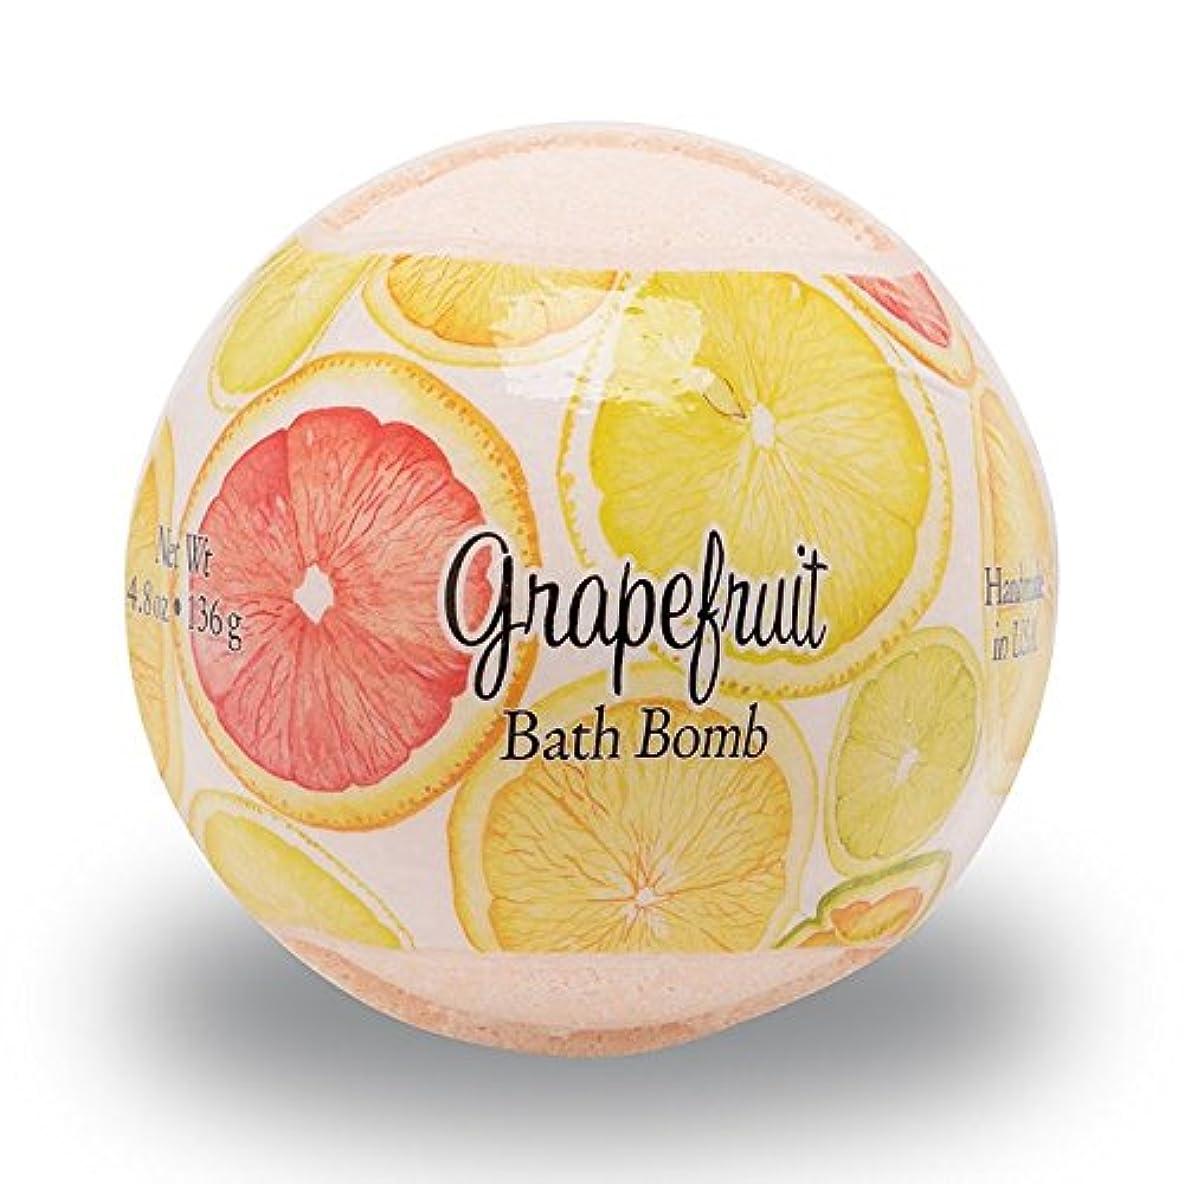 偶然のラベル対話プライモールエレメンツ バスボム/グレープフルーツ 136g シアバターとココナツ&アルガンオイル配合のお肌に潤いを与える発泡性入浴剤